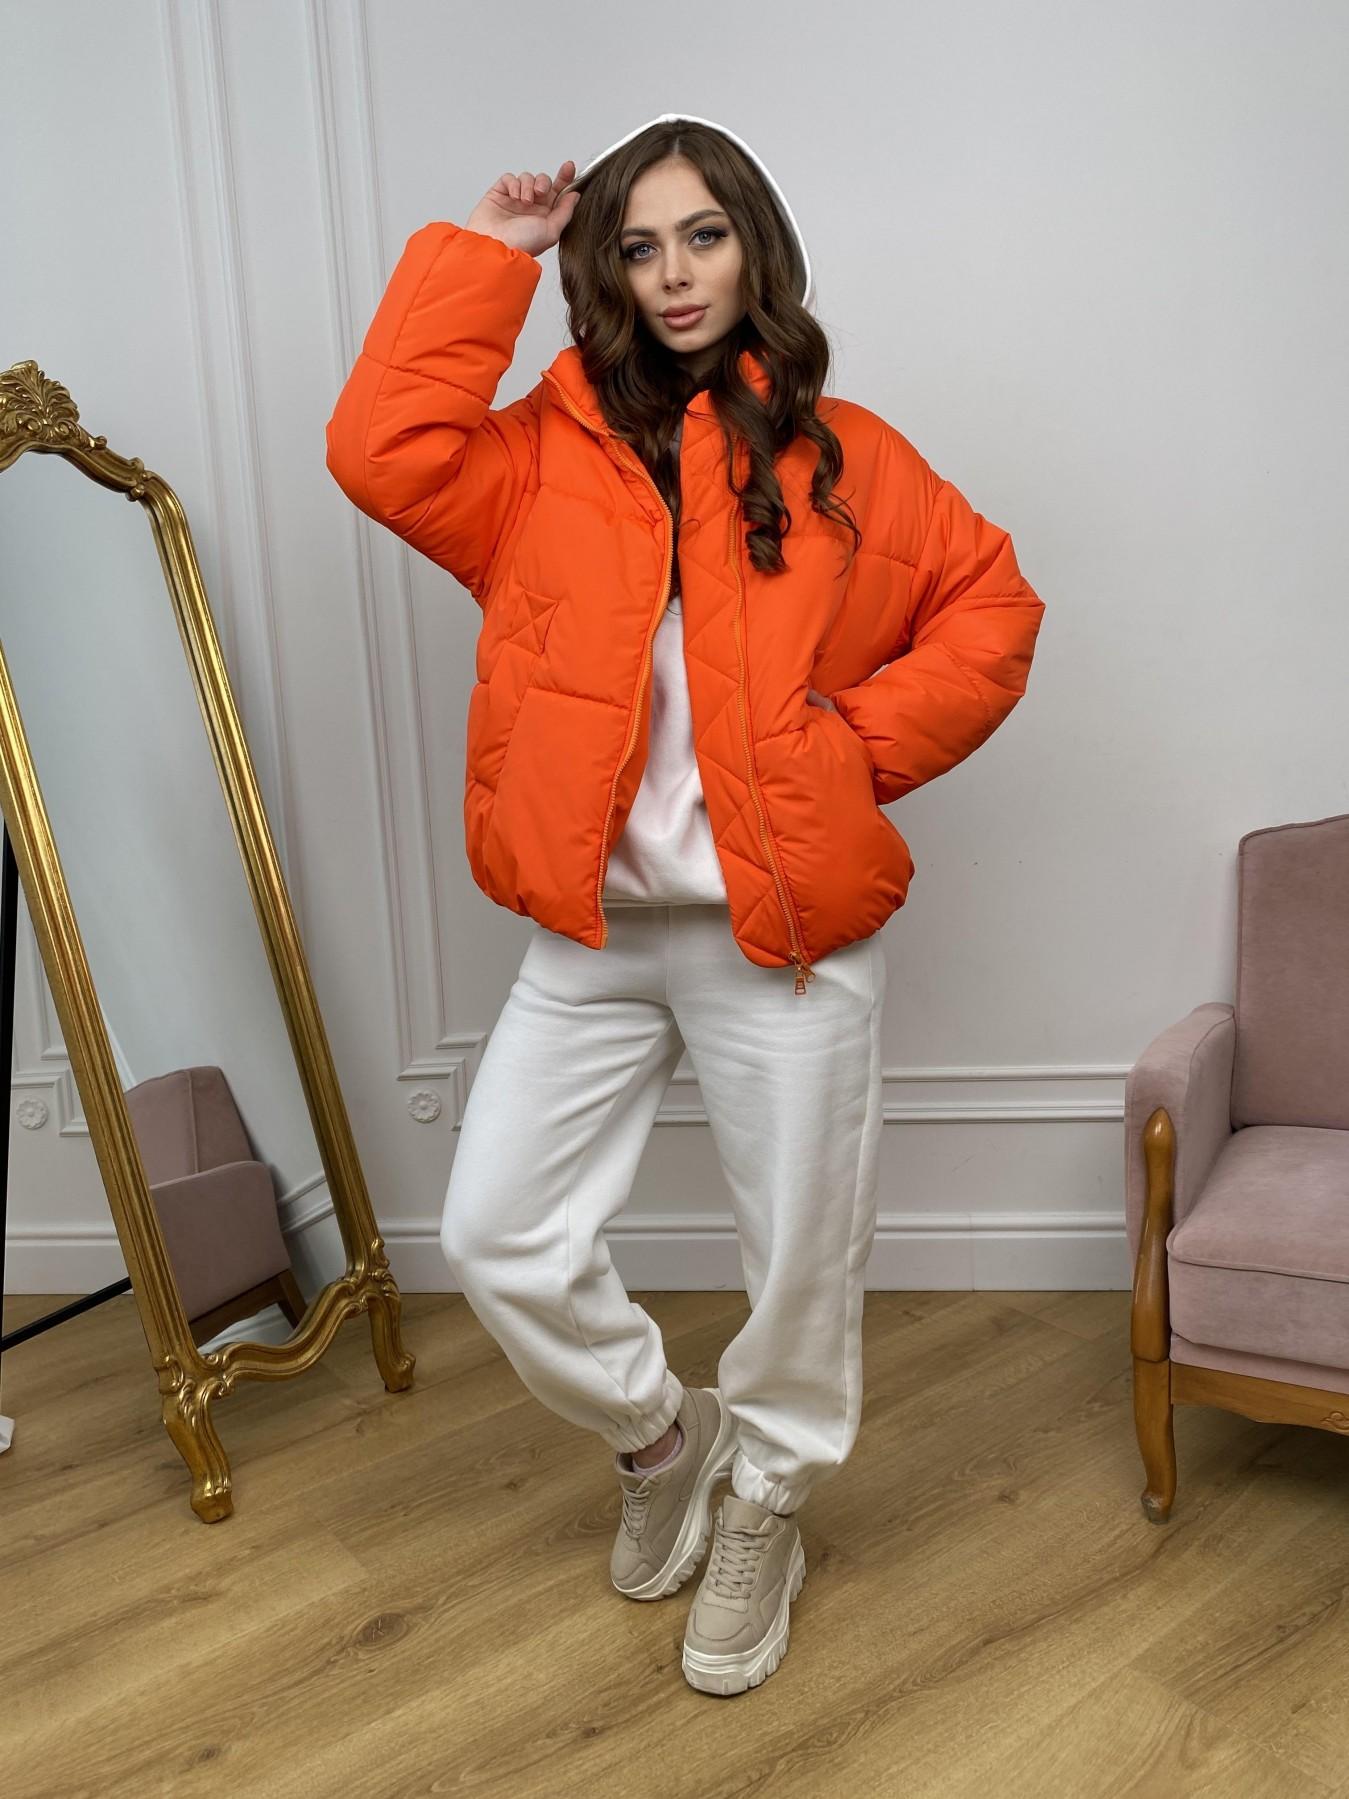 Муд куртка из плащевой ткани 10509 АРТ. 46915 Цвет: Оранжевый 788 - фото 3, интернет магазин tm-modus.ru